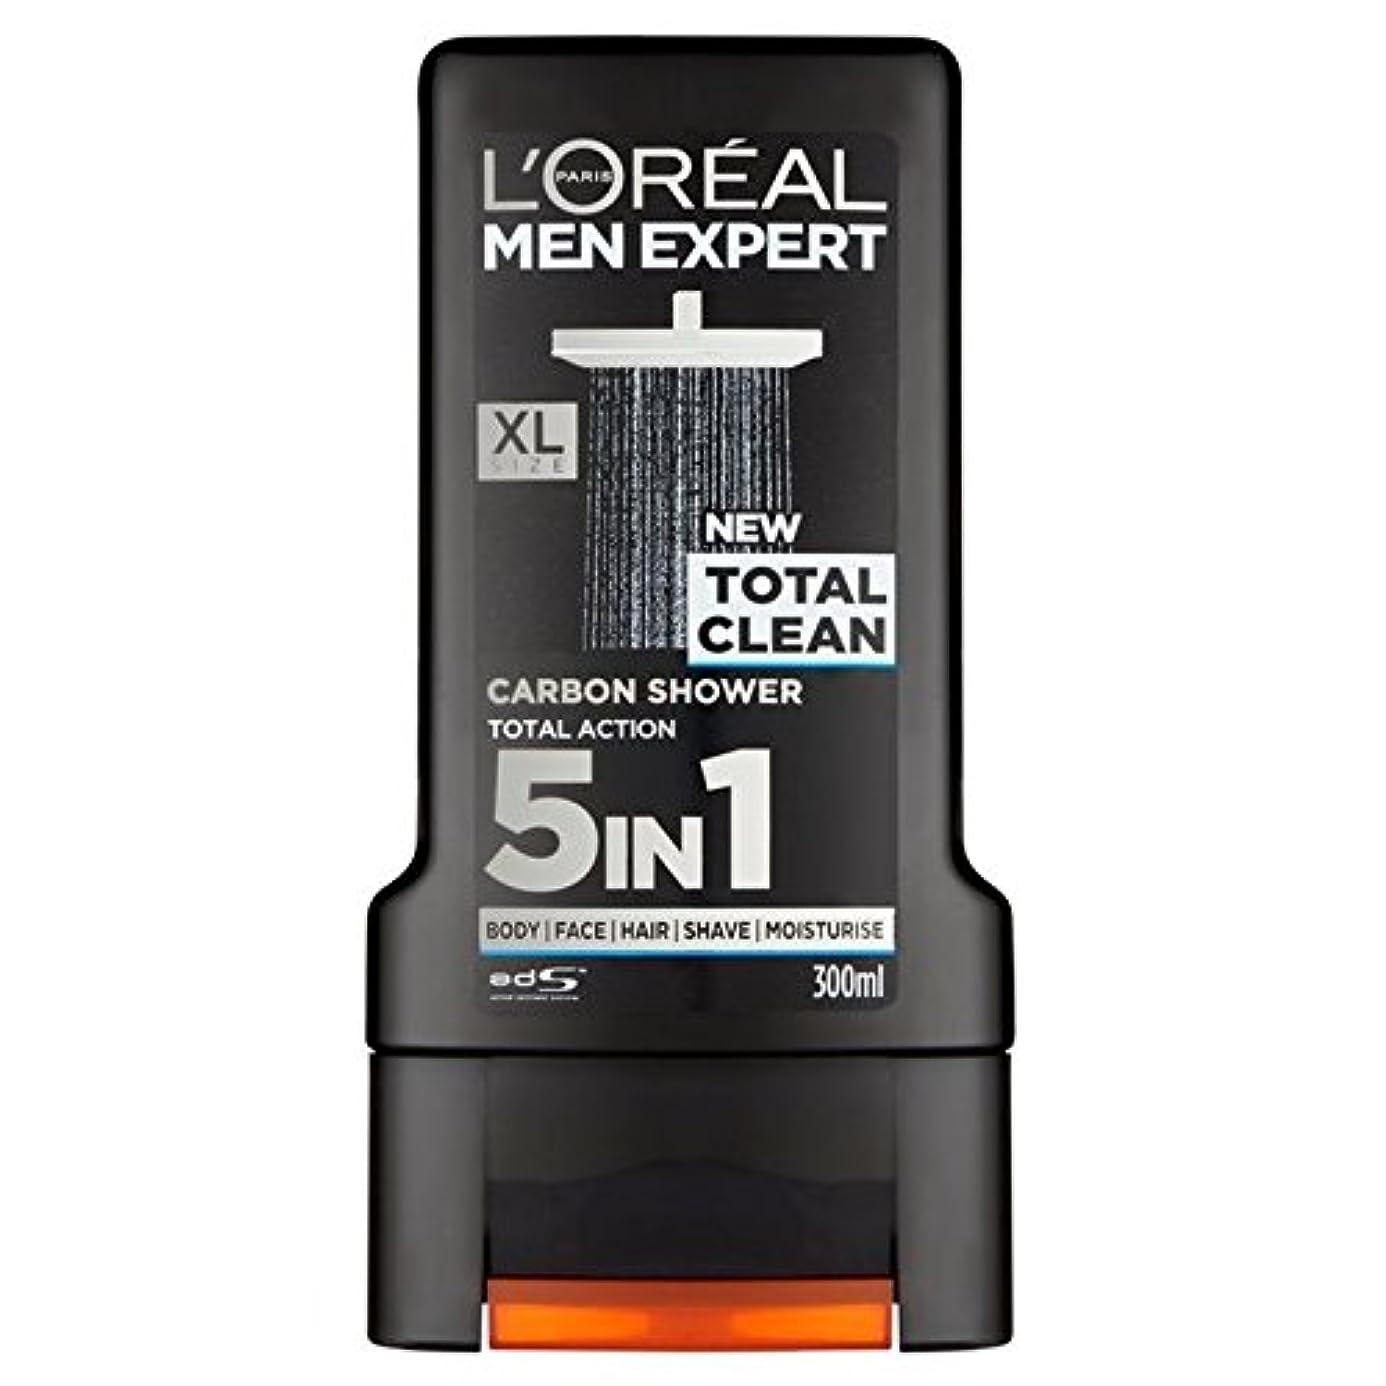 検出タクトカメL'Oreal Paris Men Expert Total Clean Shower Gel 300ml - ロレアルパリのメンズ専門トータルクリーンシャワージェル300ミリリットル [並行輸入品]